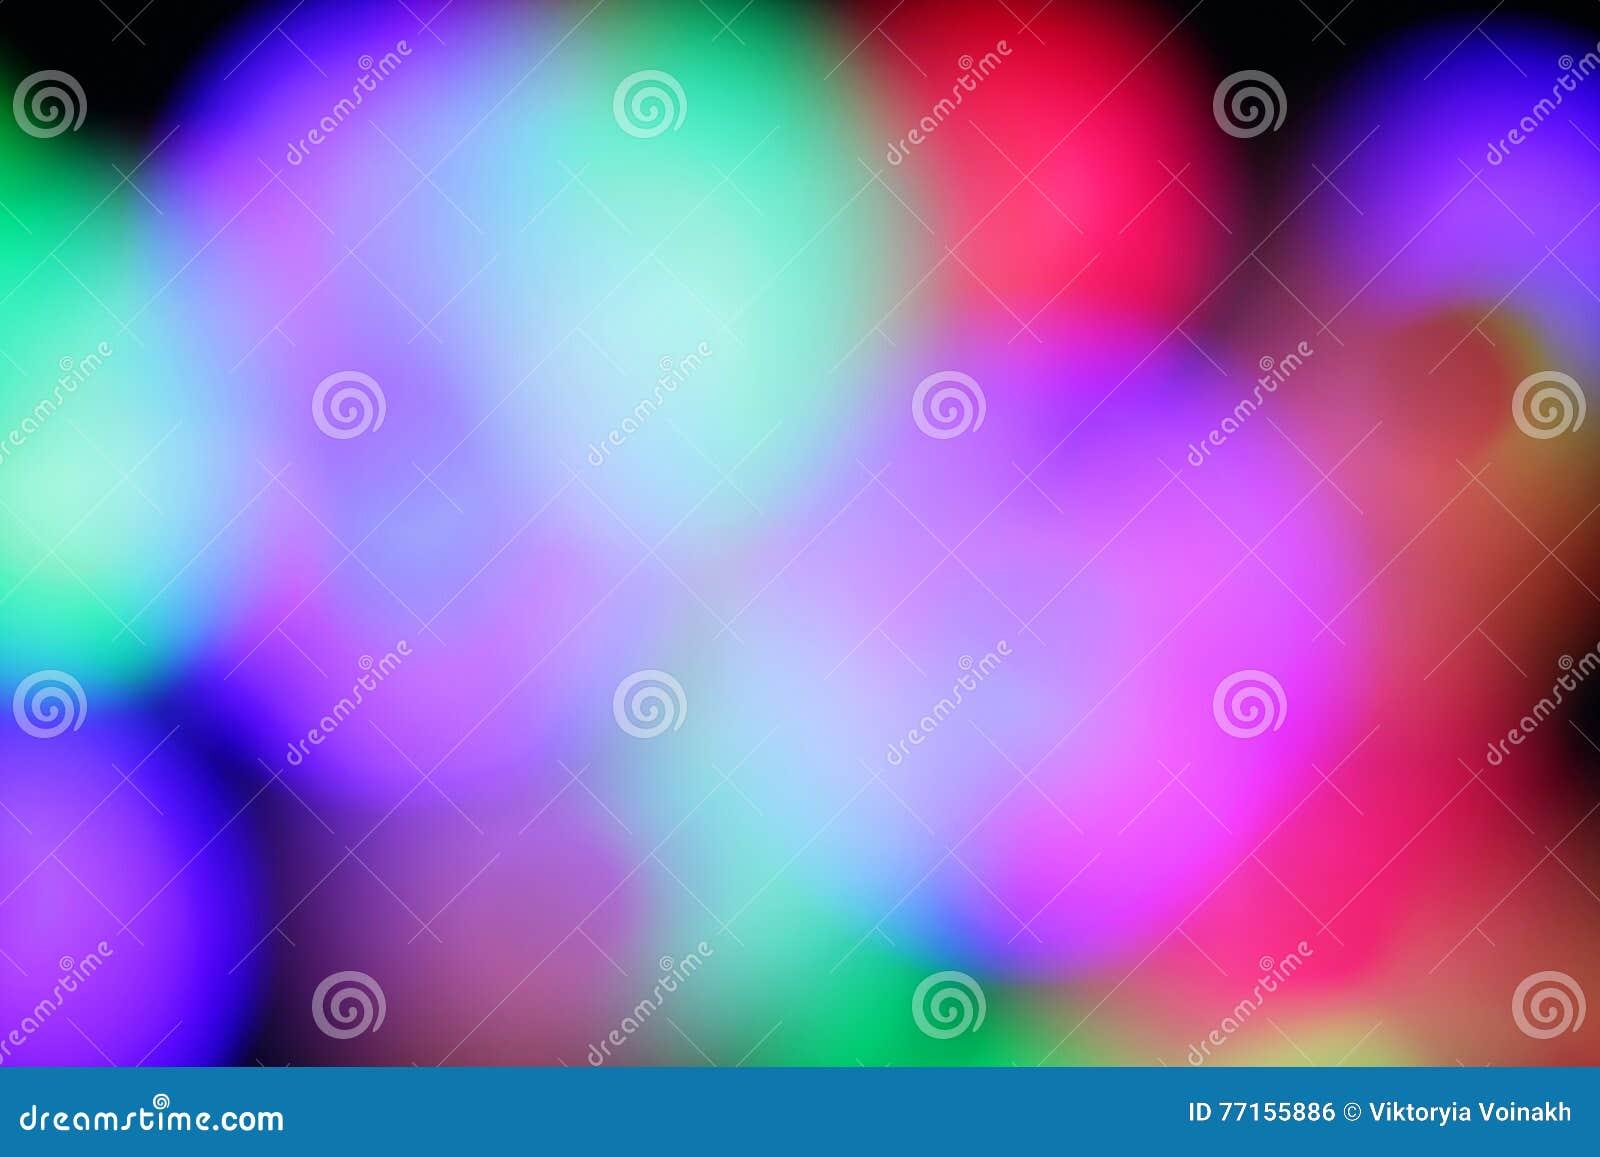 Fond blured lumineux